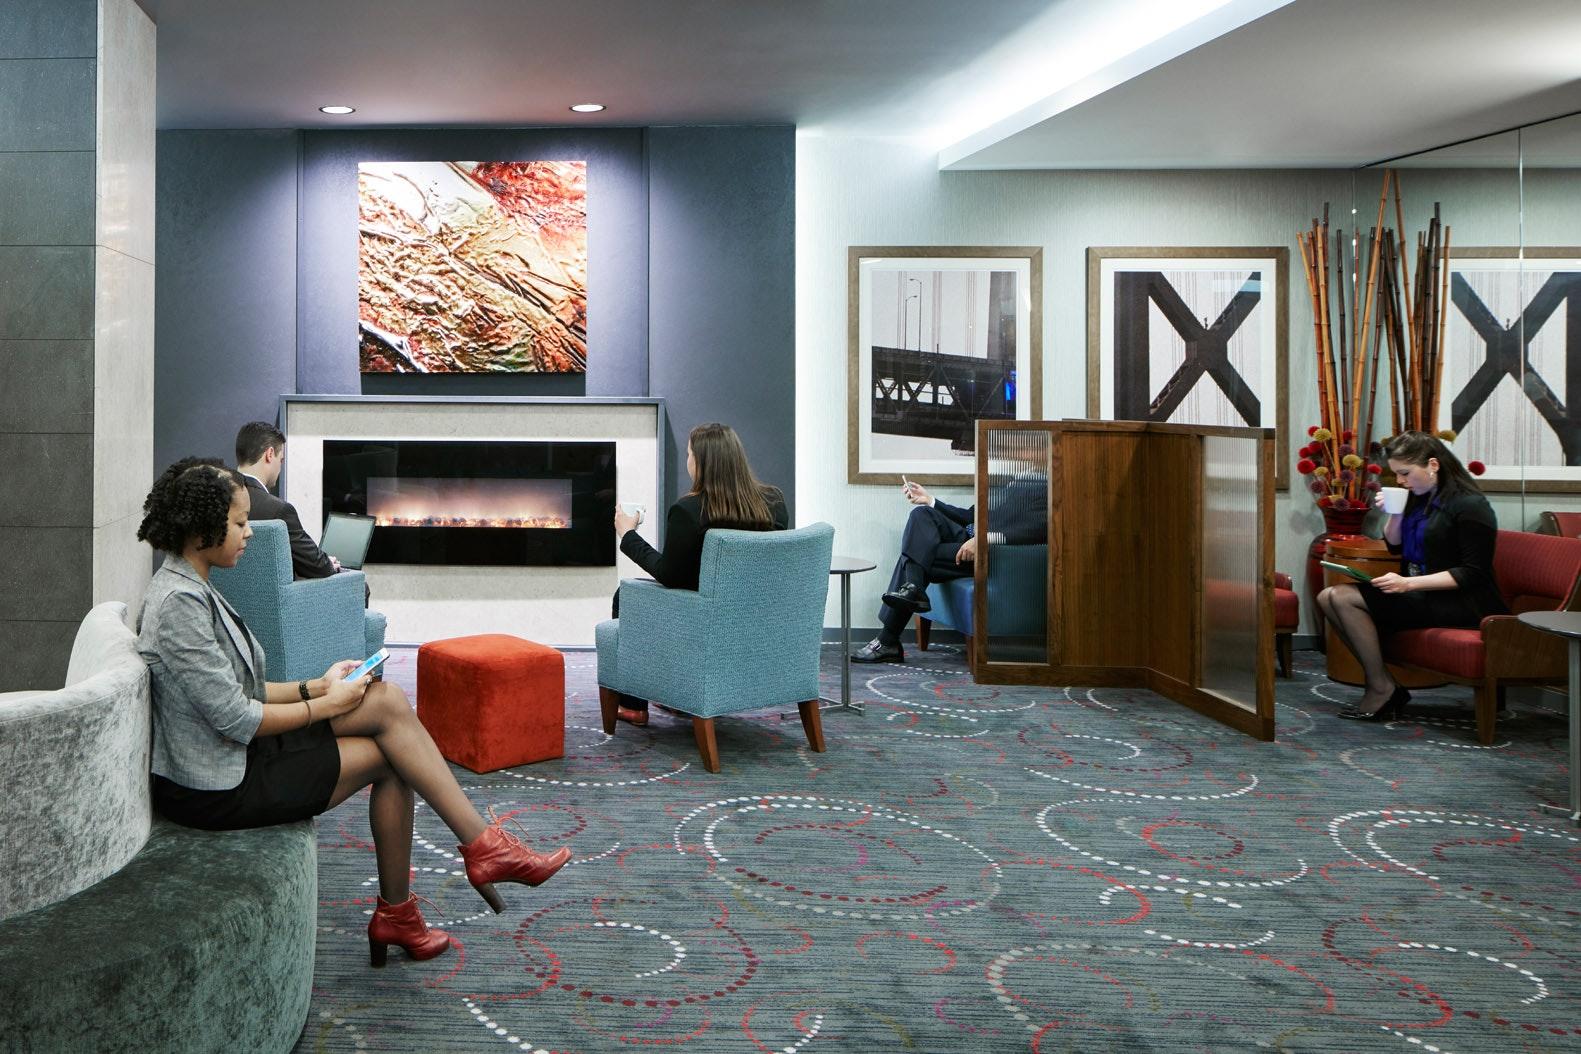 Club Living Room at Club Quarters Hotel